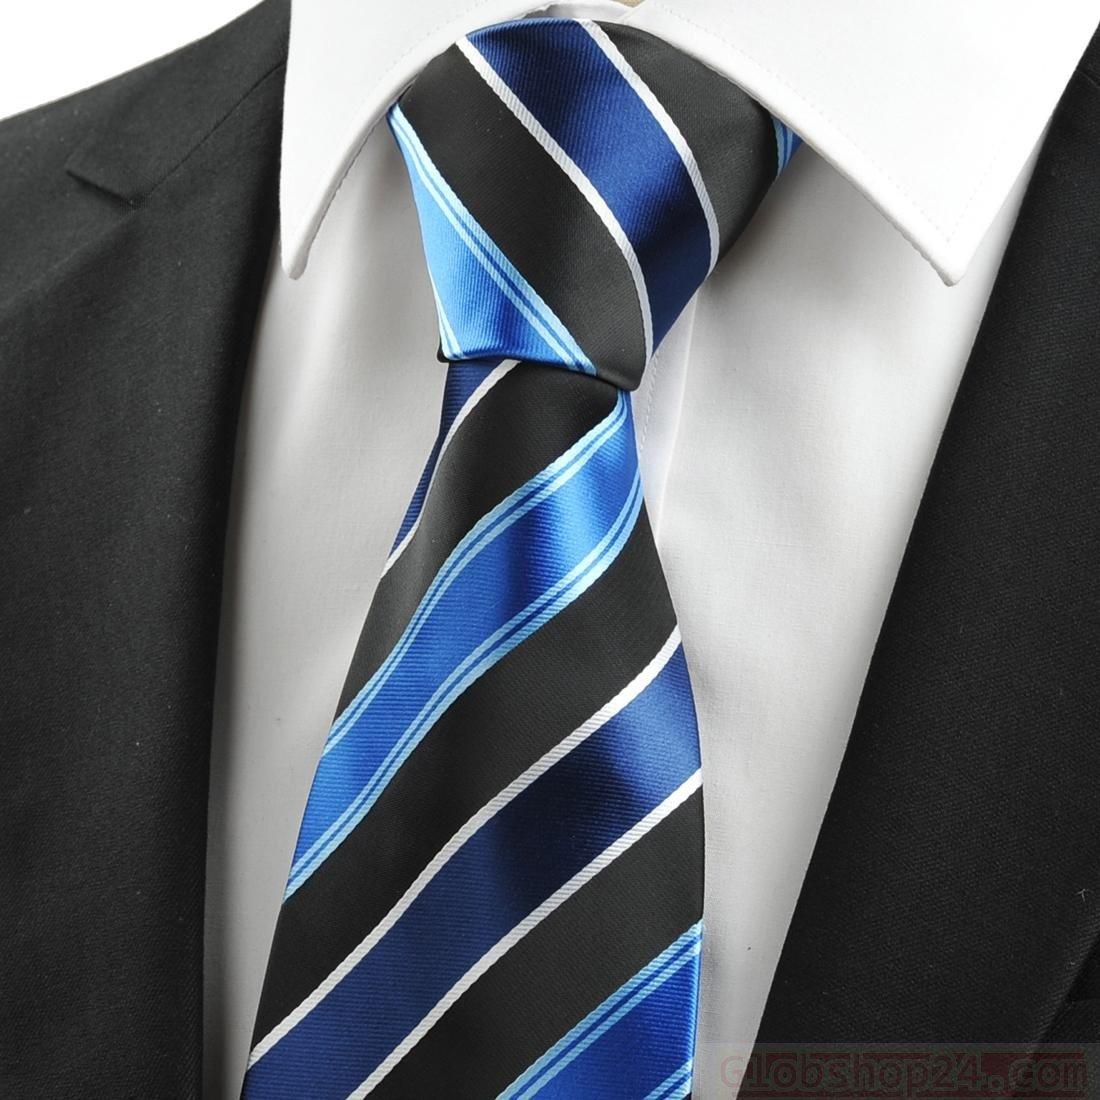 хлеб картинки красивый галстук здания соединяются